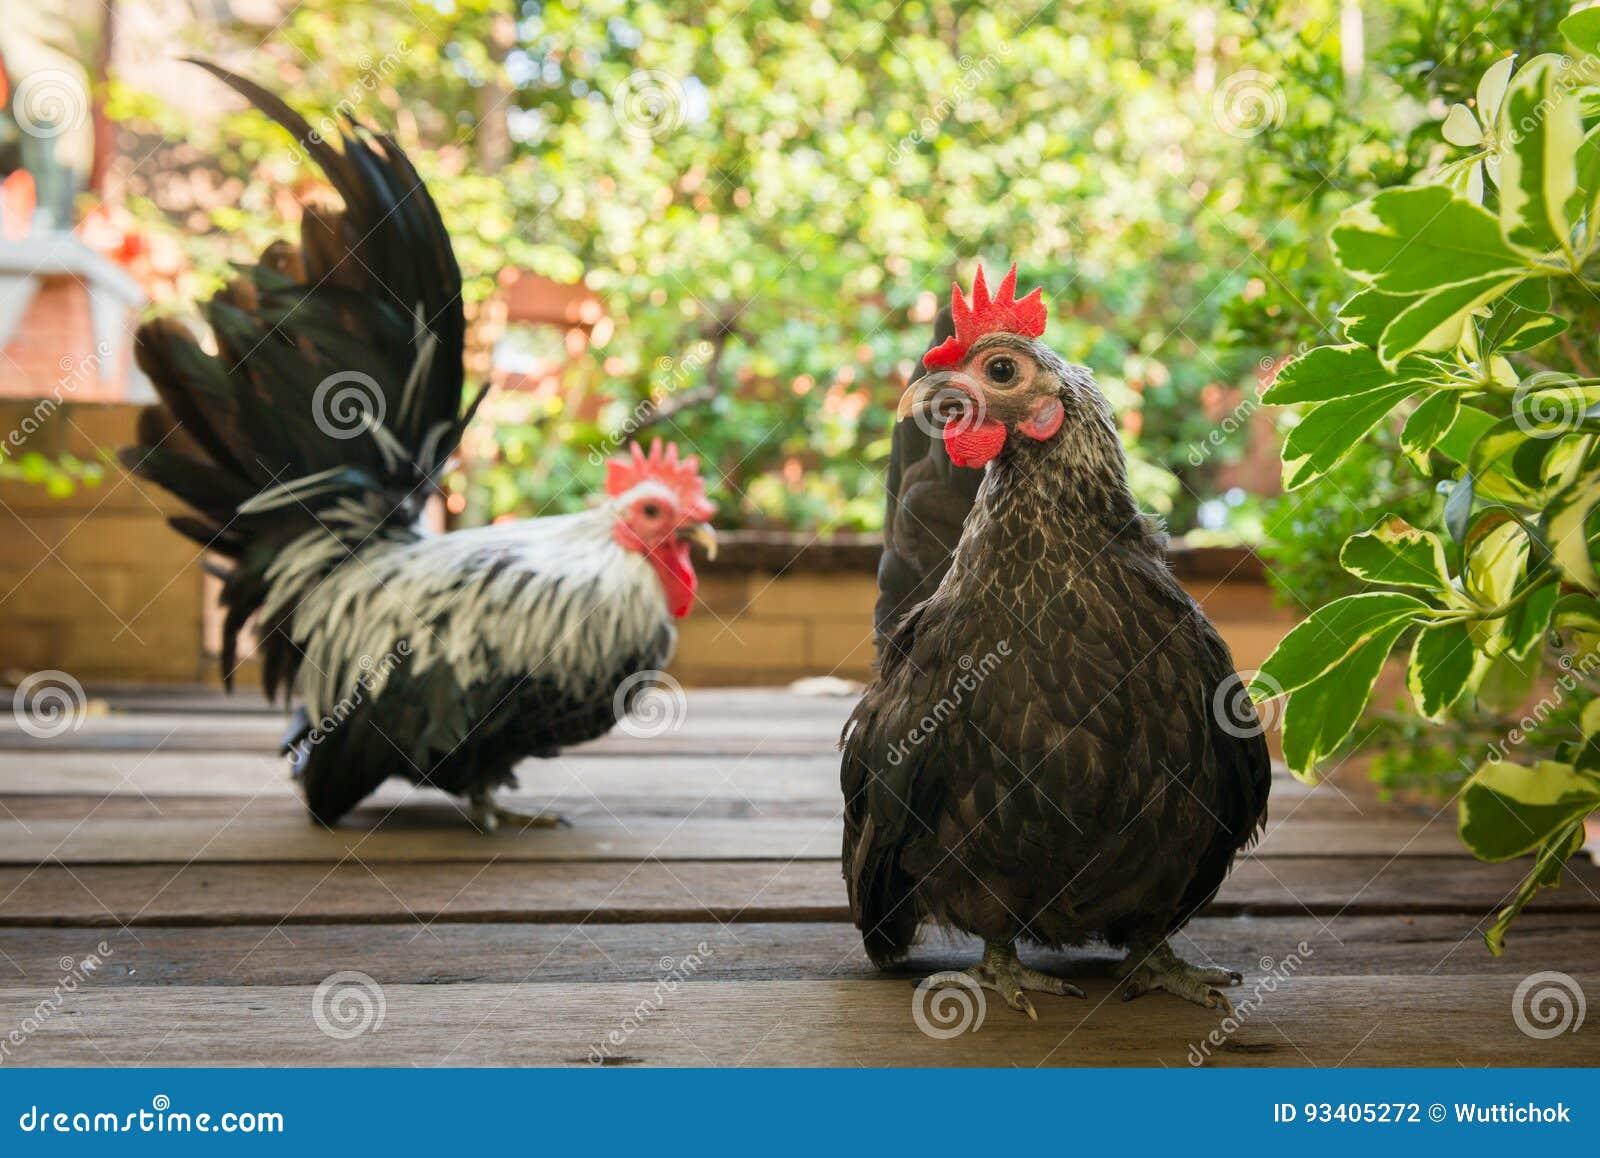 grote zwarte hanen en witte kuikens gratis video van Sex